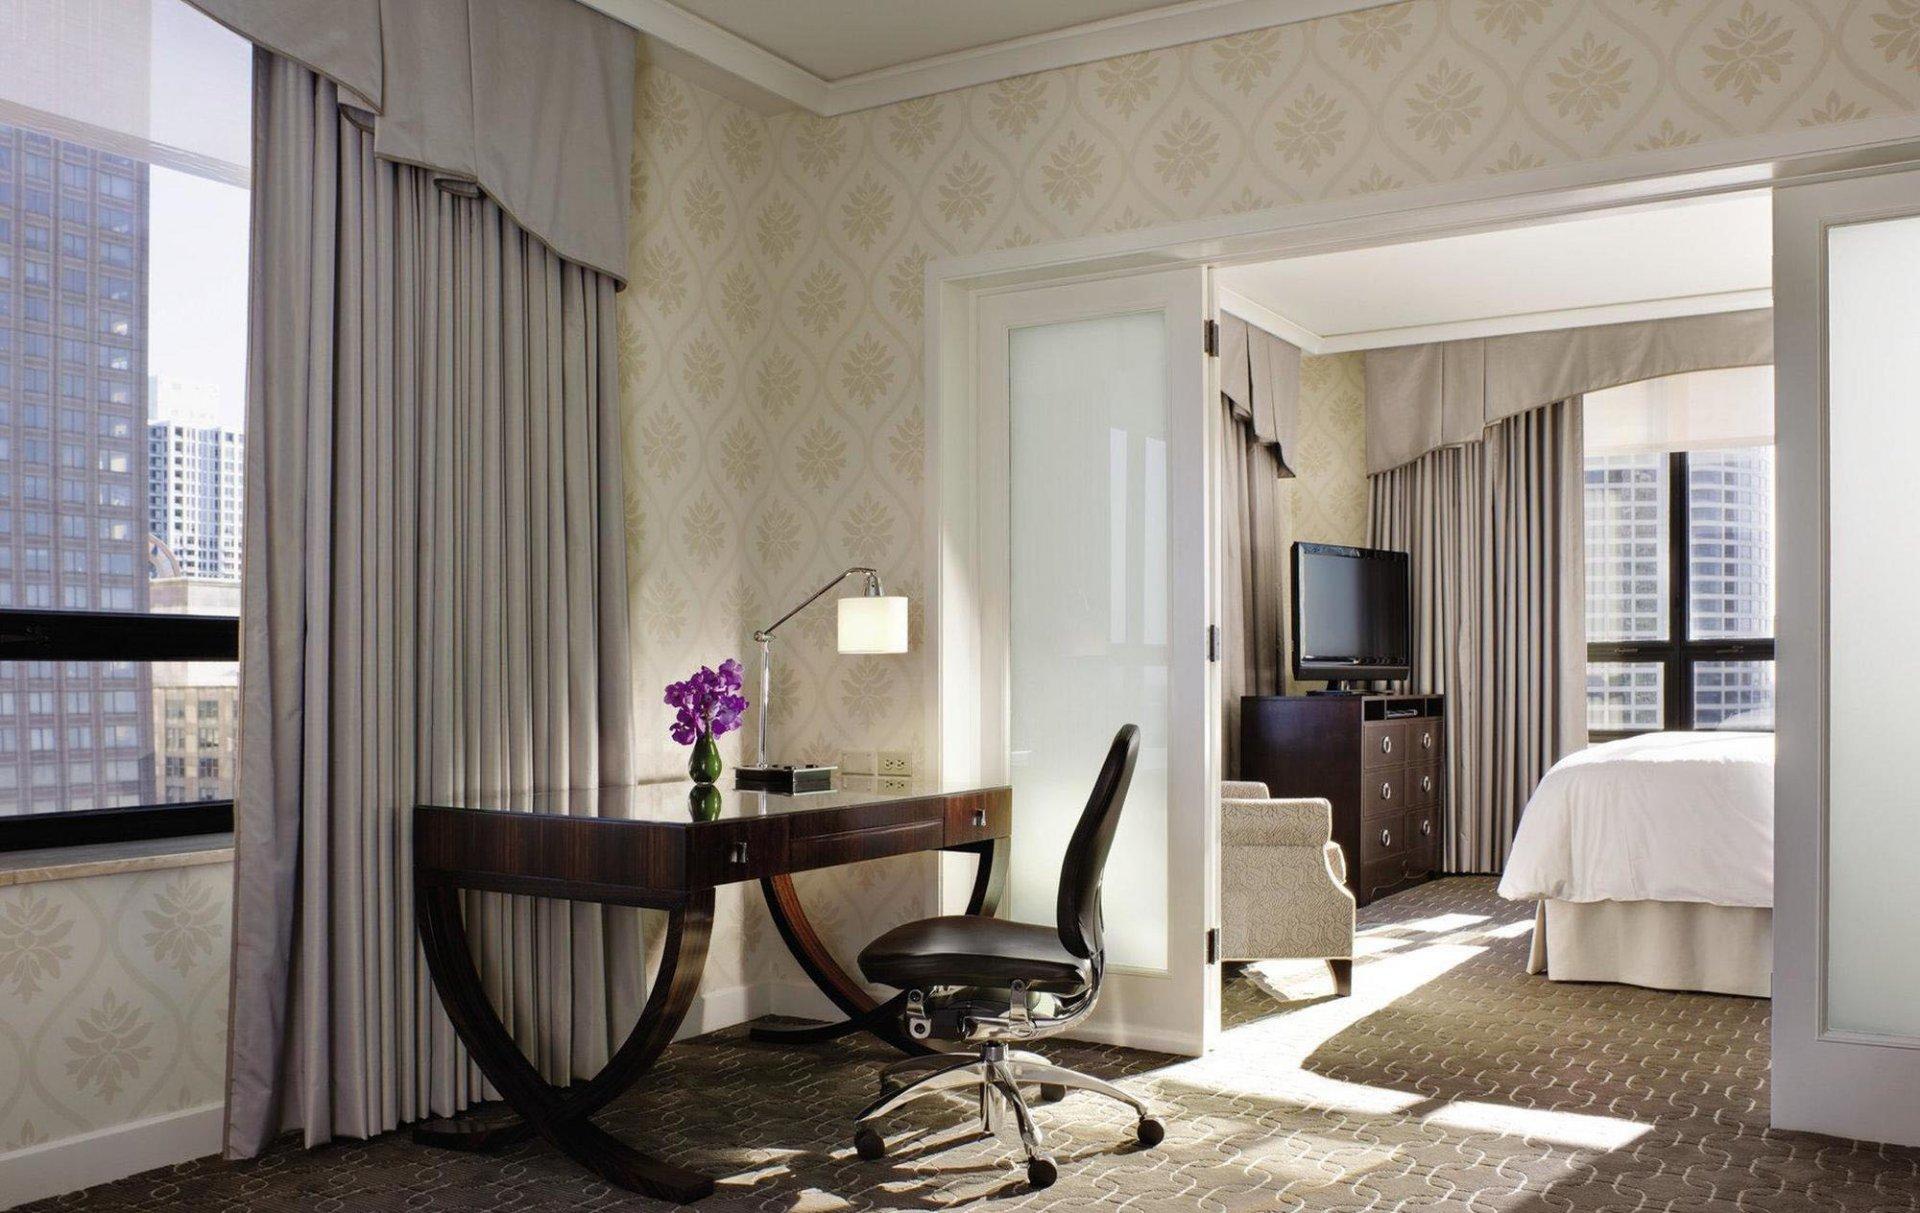 美式酒店房间室内门装修效果图片图片